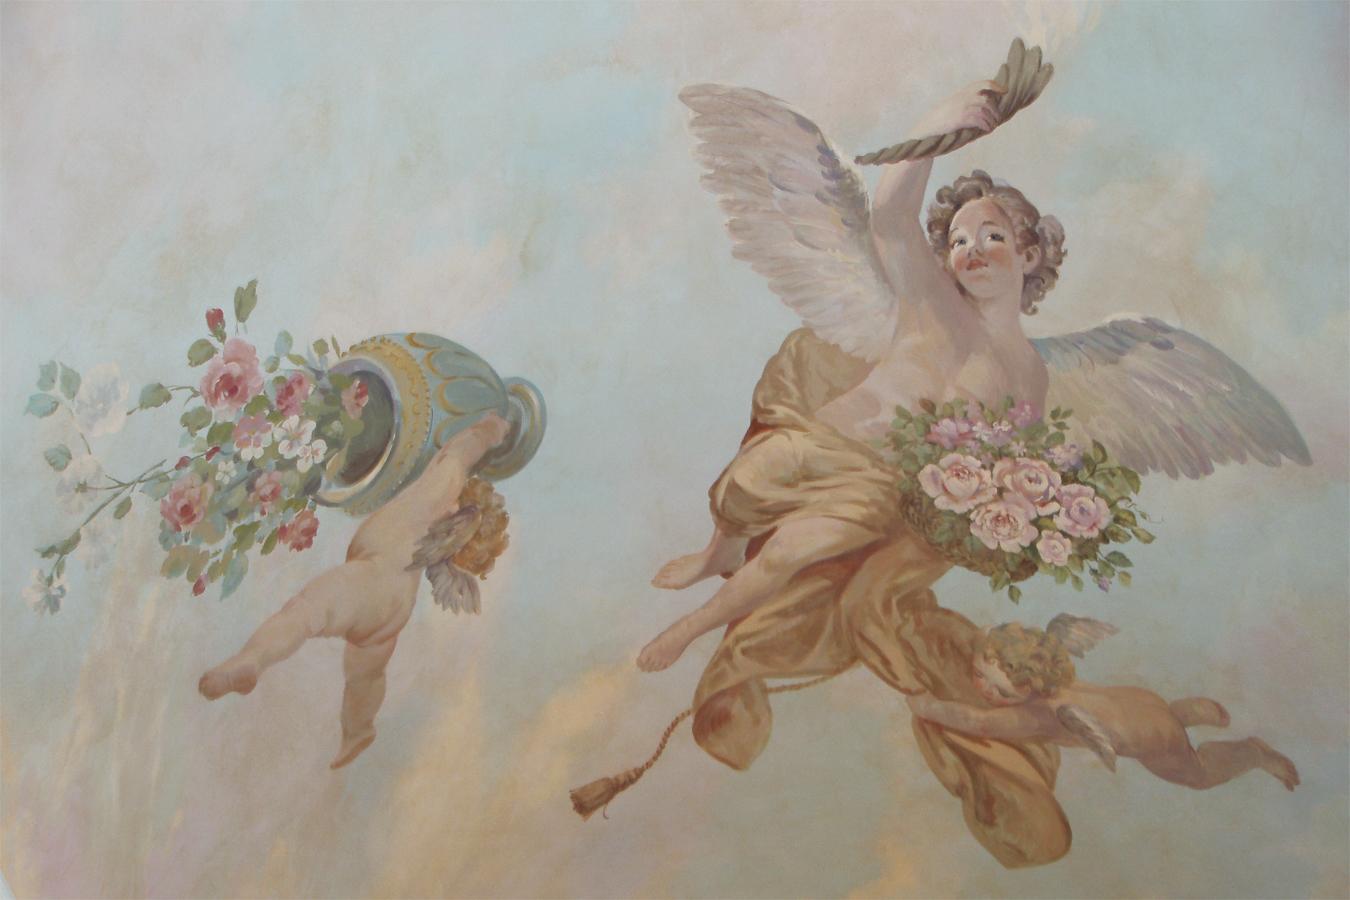 Mural Ceiling Tenafly NJ